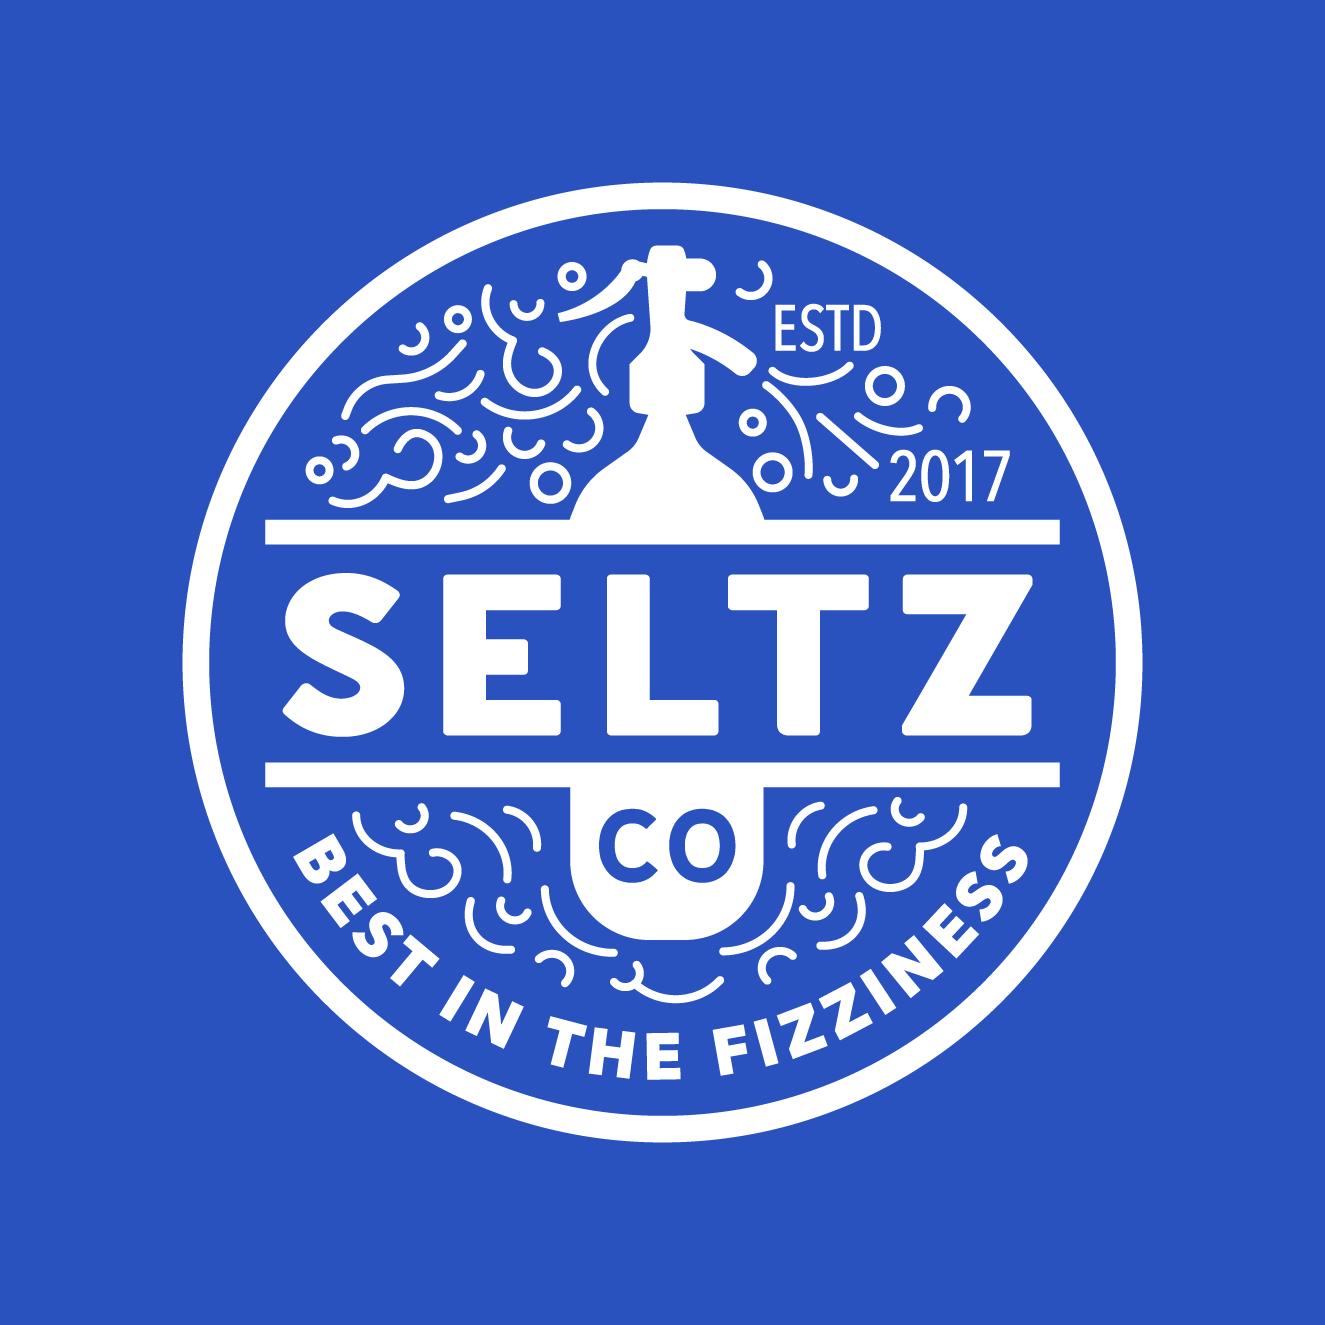 Seltz Co.